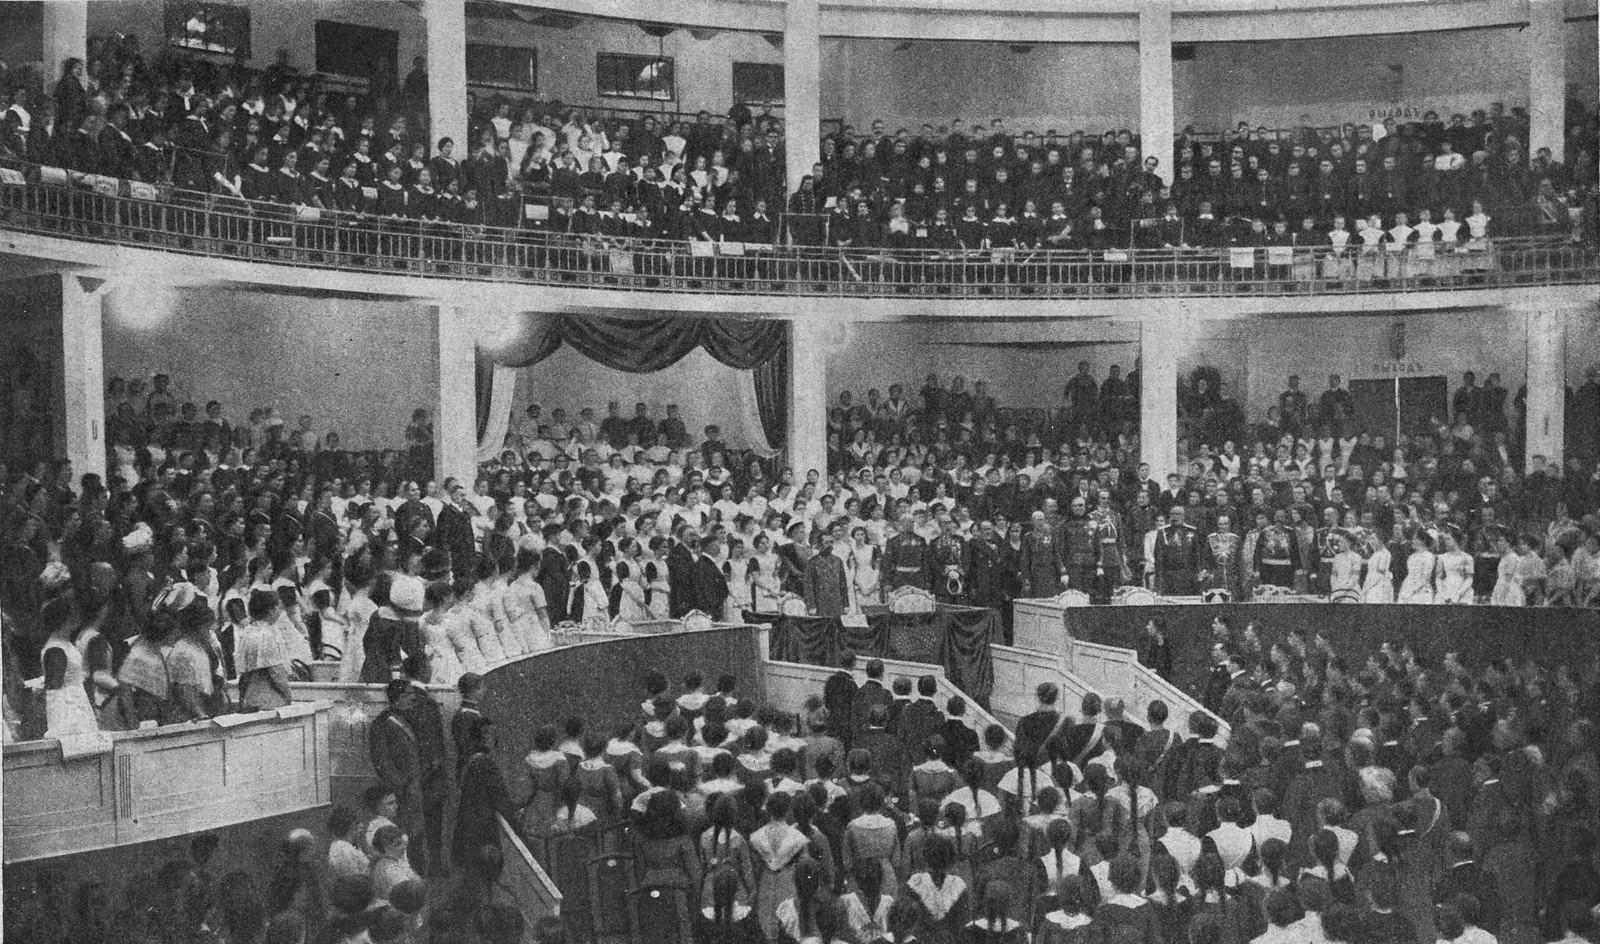 09. Праздникъ учащихся въ Высочайшемъ присутствiи въ Народномъ Домѣ Императора Николая II